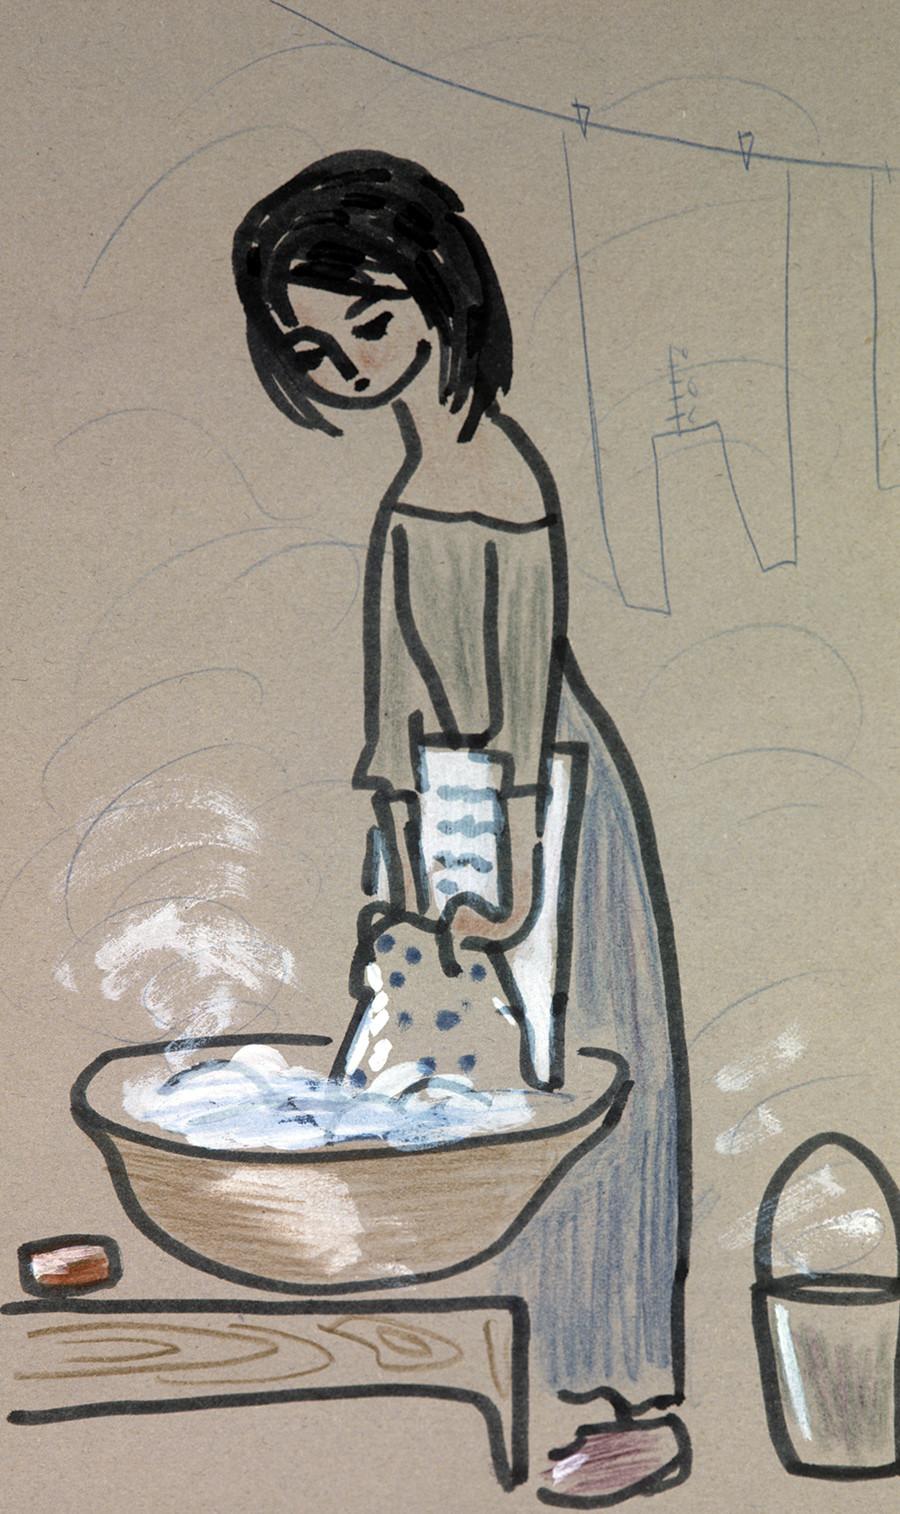 ヴィクトル・ユーゴー、「レ・ミゼラブル」のための挿絵(1966年、14歳)